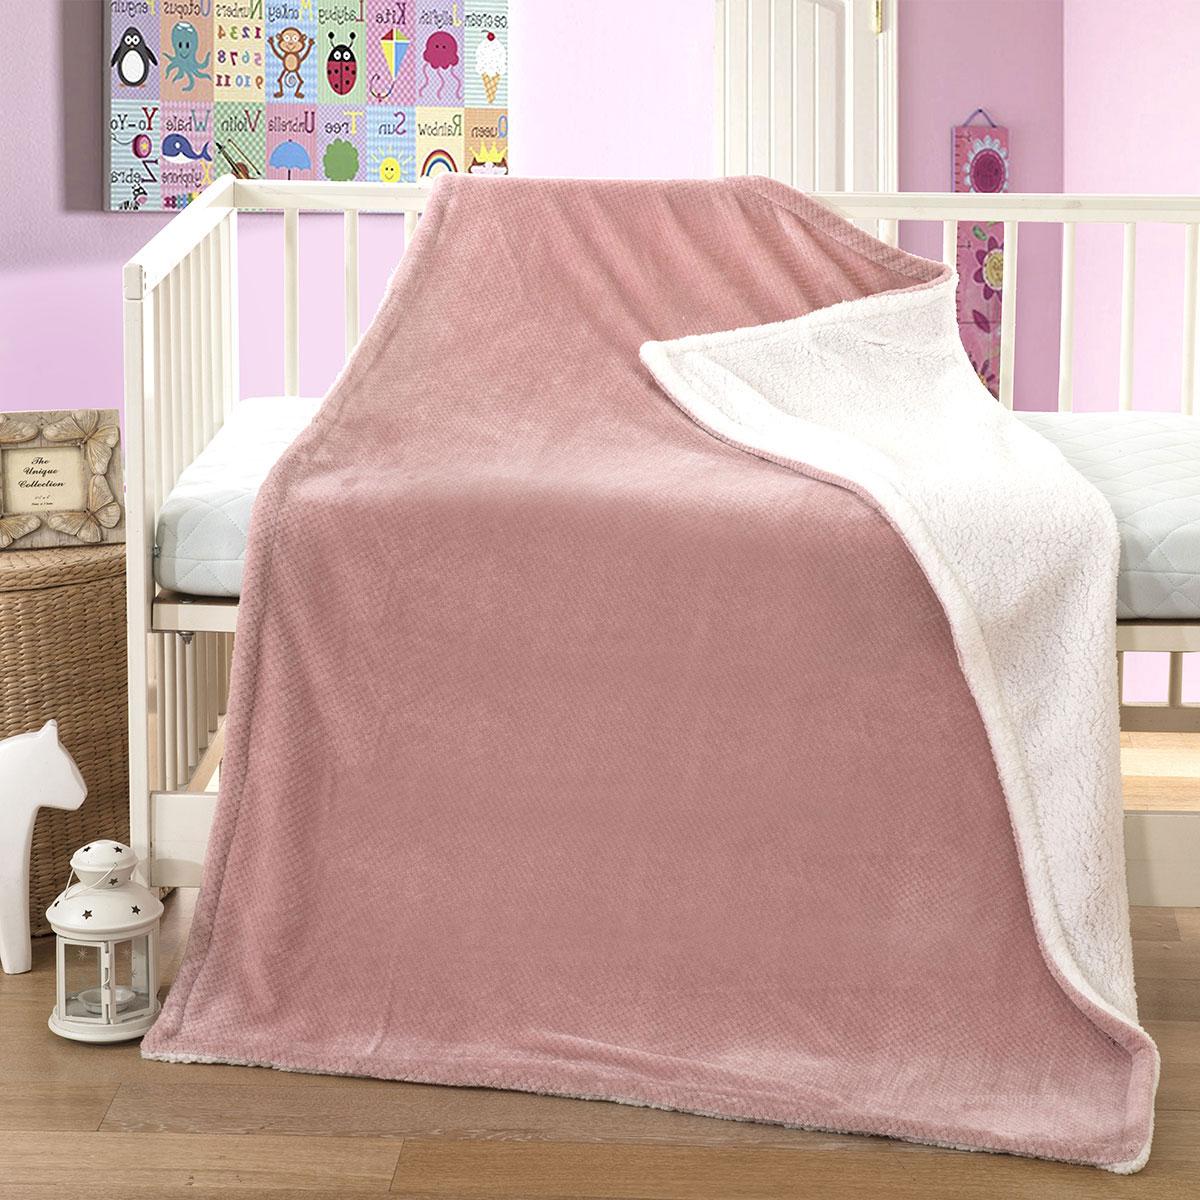 Κουβέρτα Fleece Κούνιας Anna Riska Cozy Blush Pink